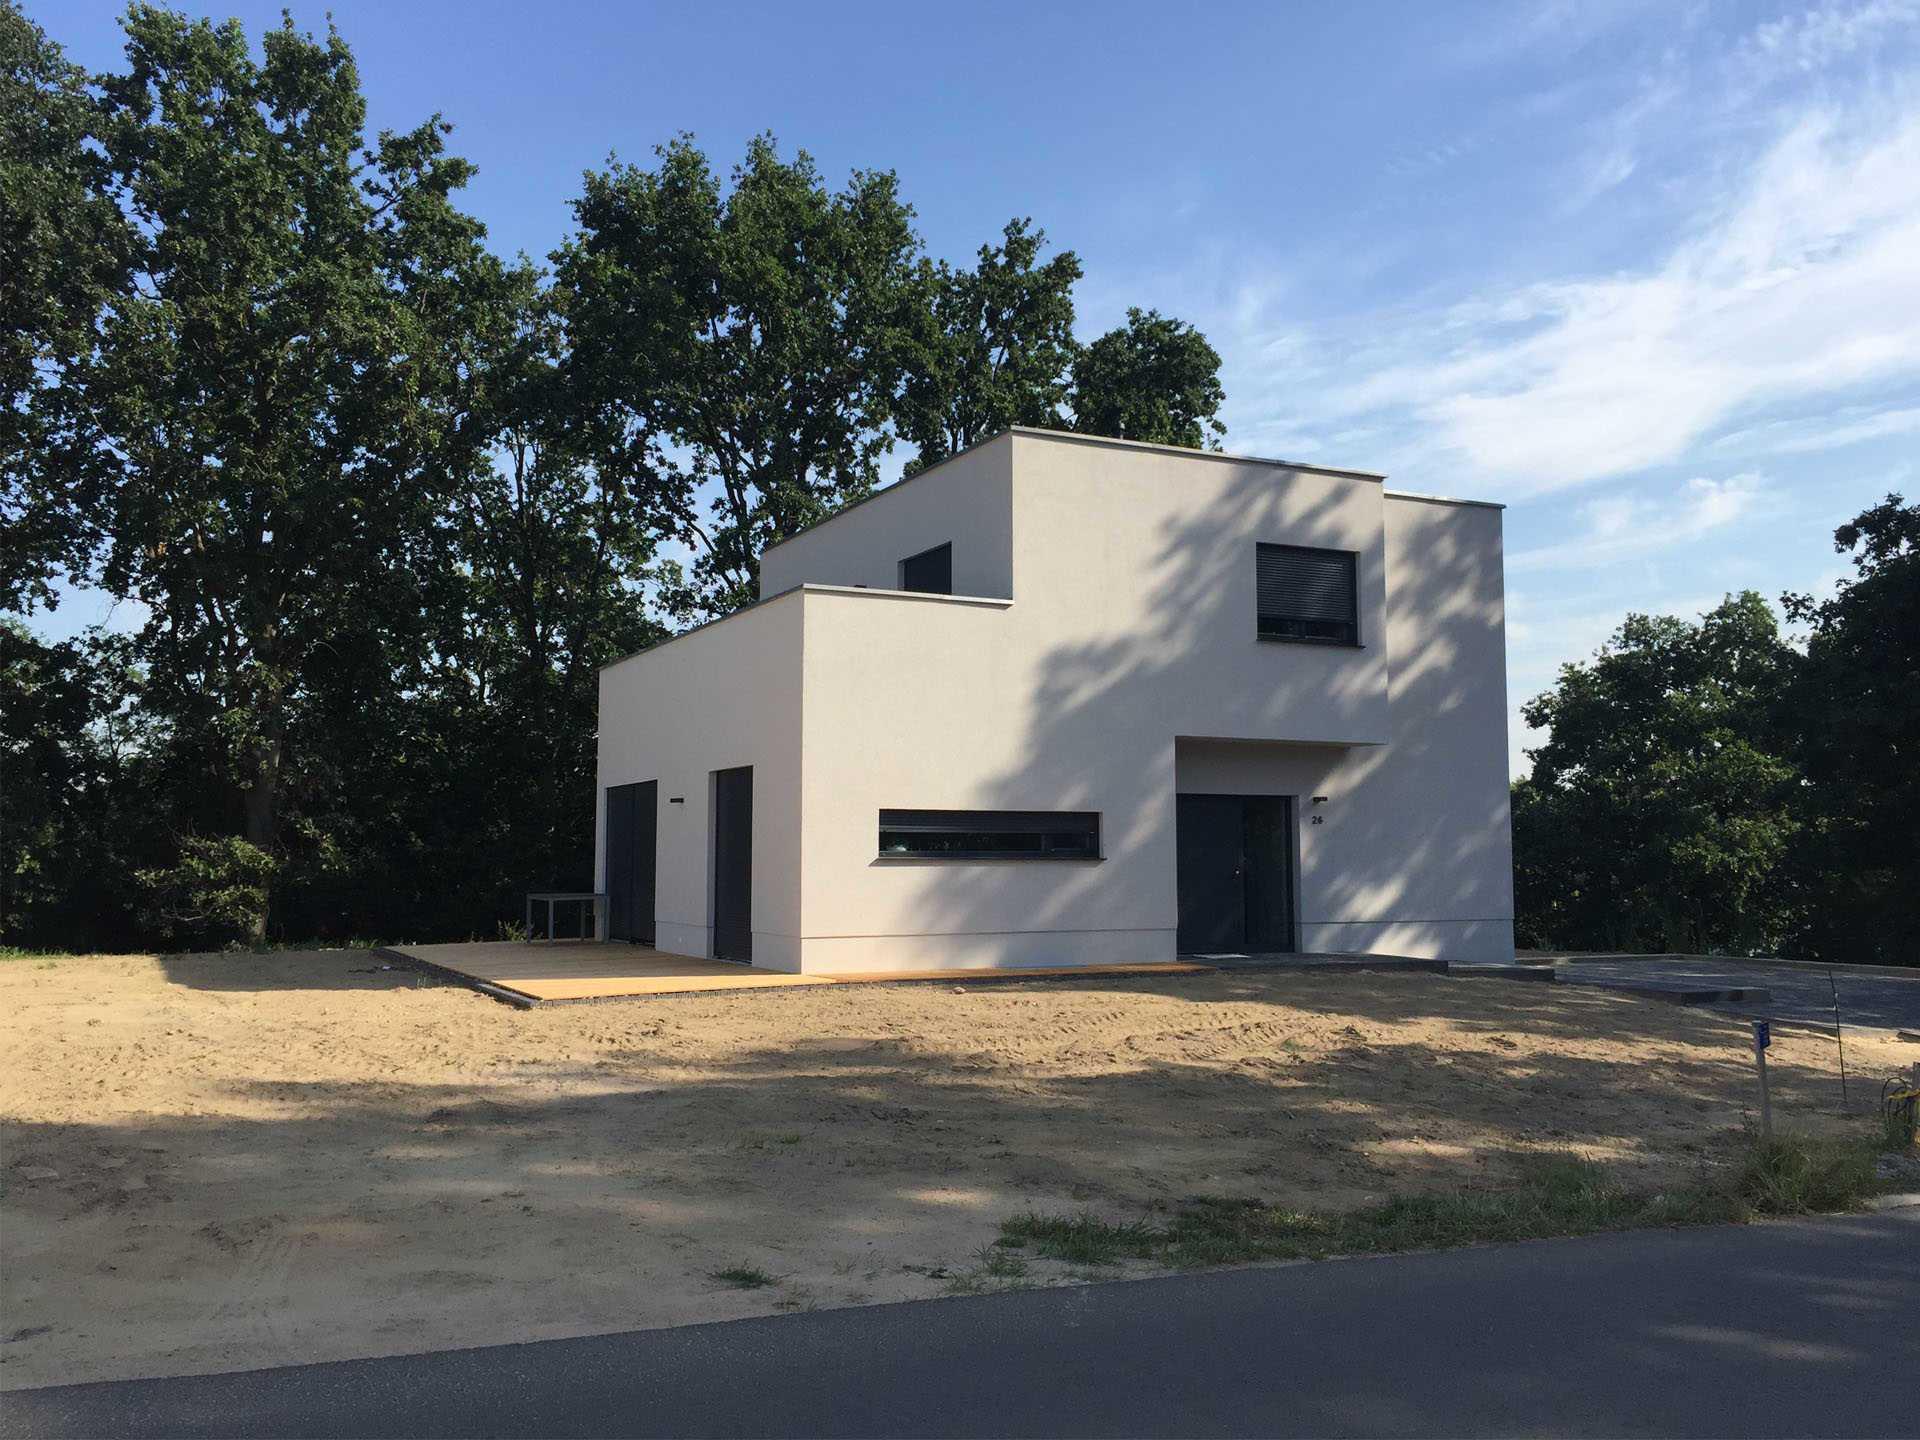 Beispielhaus 3 vom Mein Haus Bausysteme